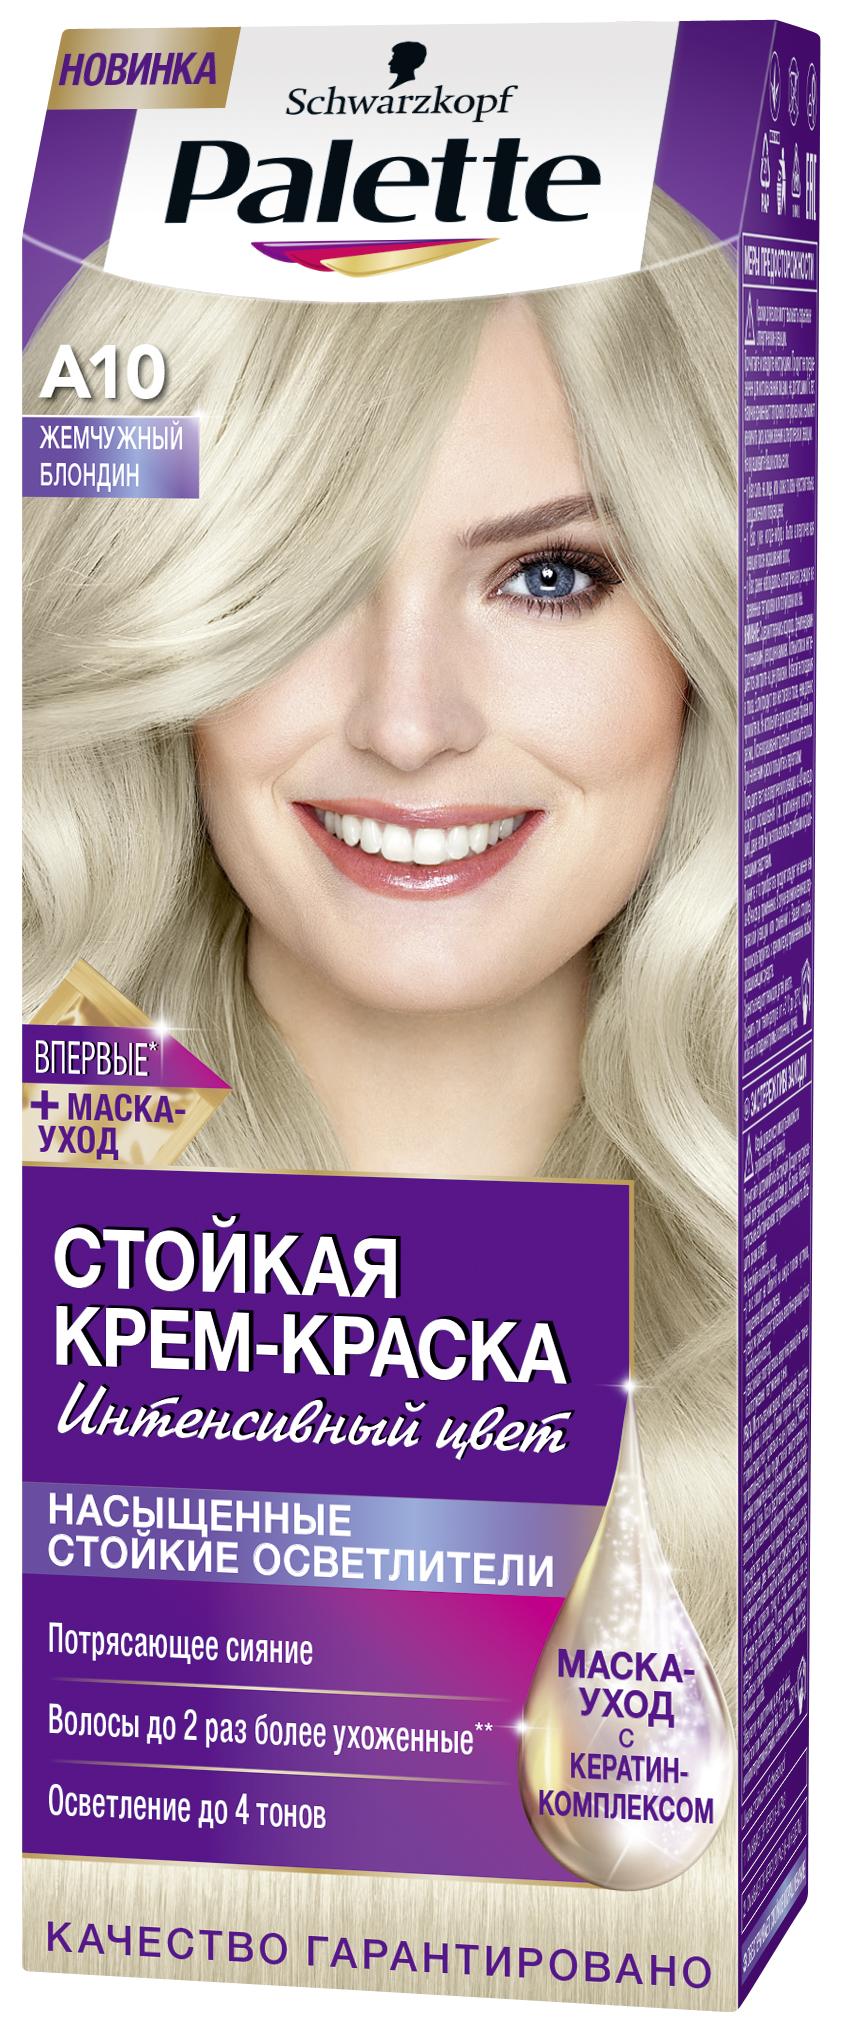 Palette Стойкая крем-краска A10 Жемчужный блондин 110 мл0935223010Знаменитая краска для волос Palette при использовании тщательно окрашивает волосы, стойко сохраняет цвет, имеет множество разнообразных оттенков на любой, самый взыскательный, вкус.